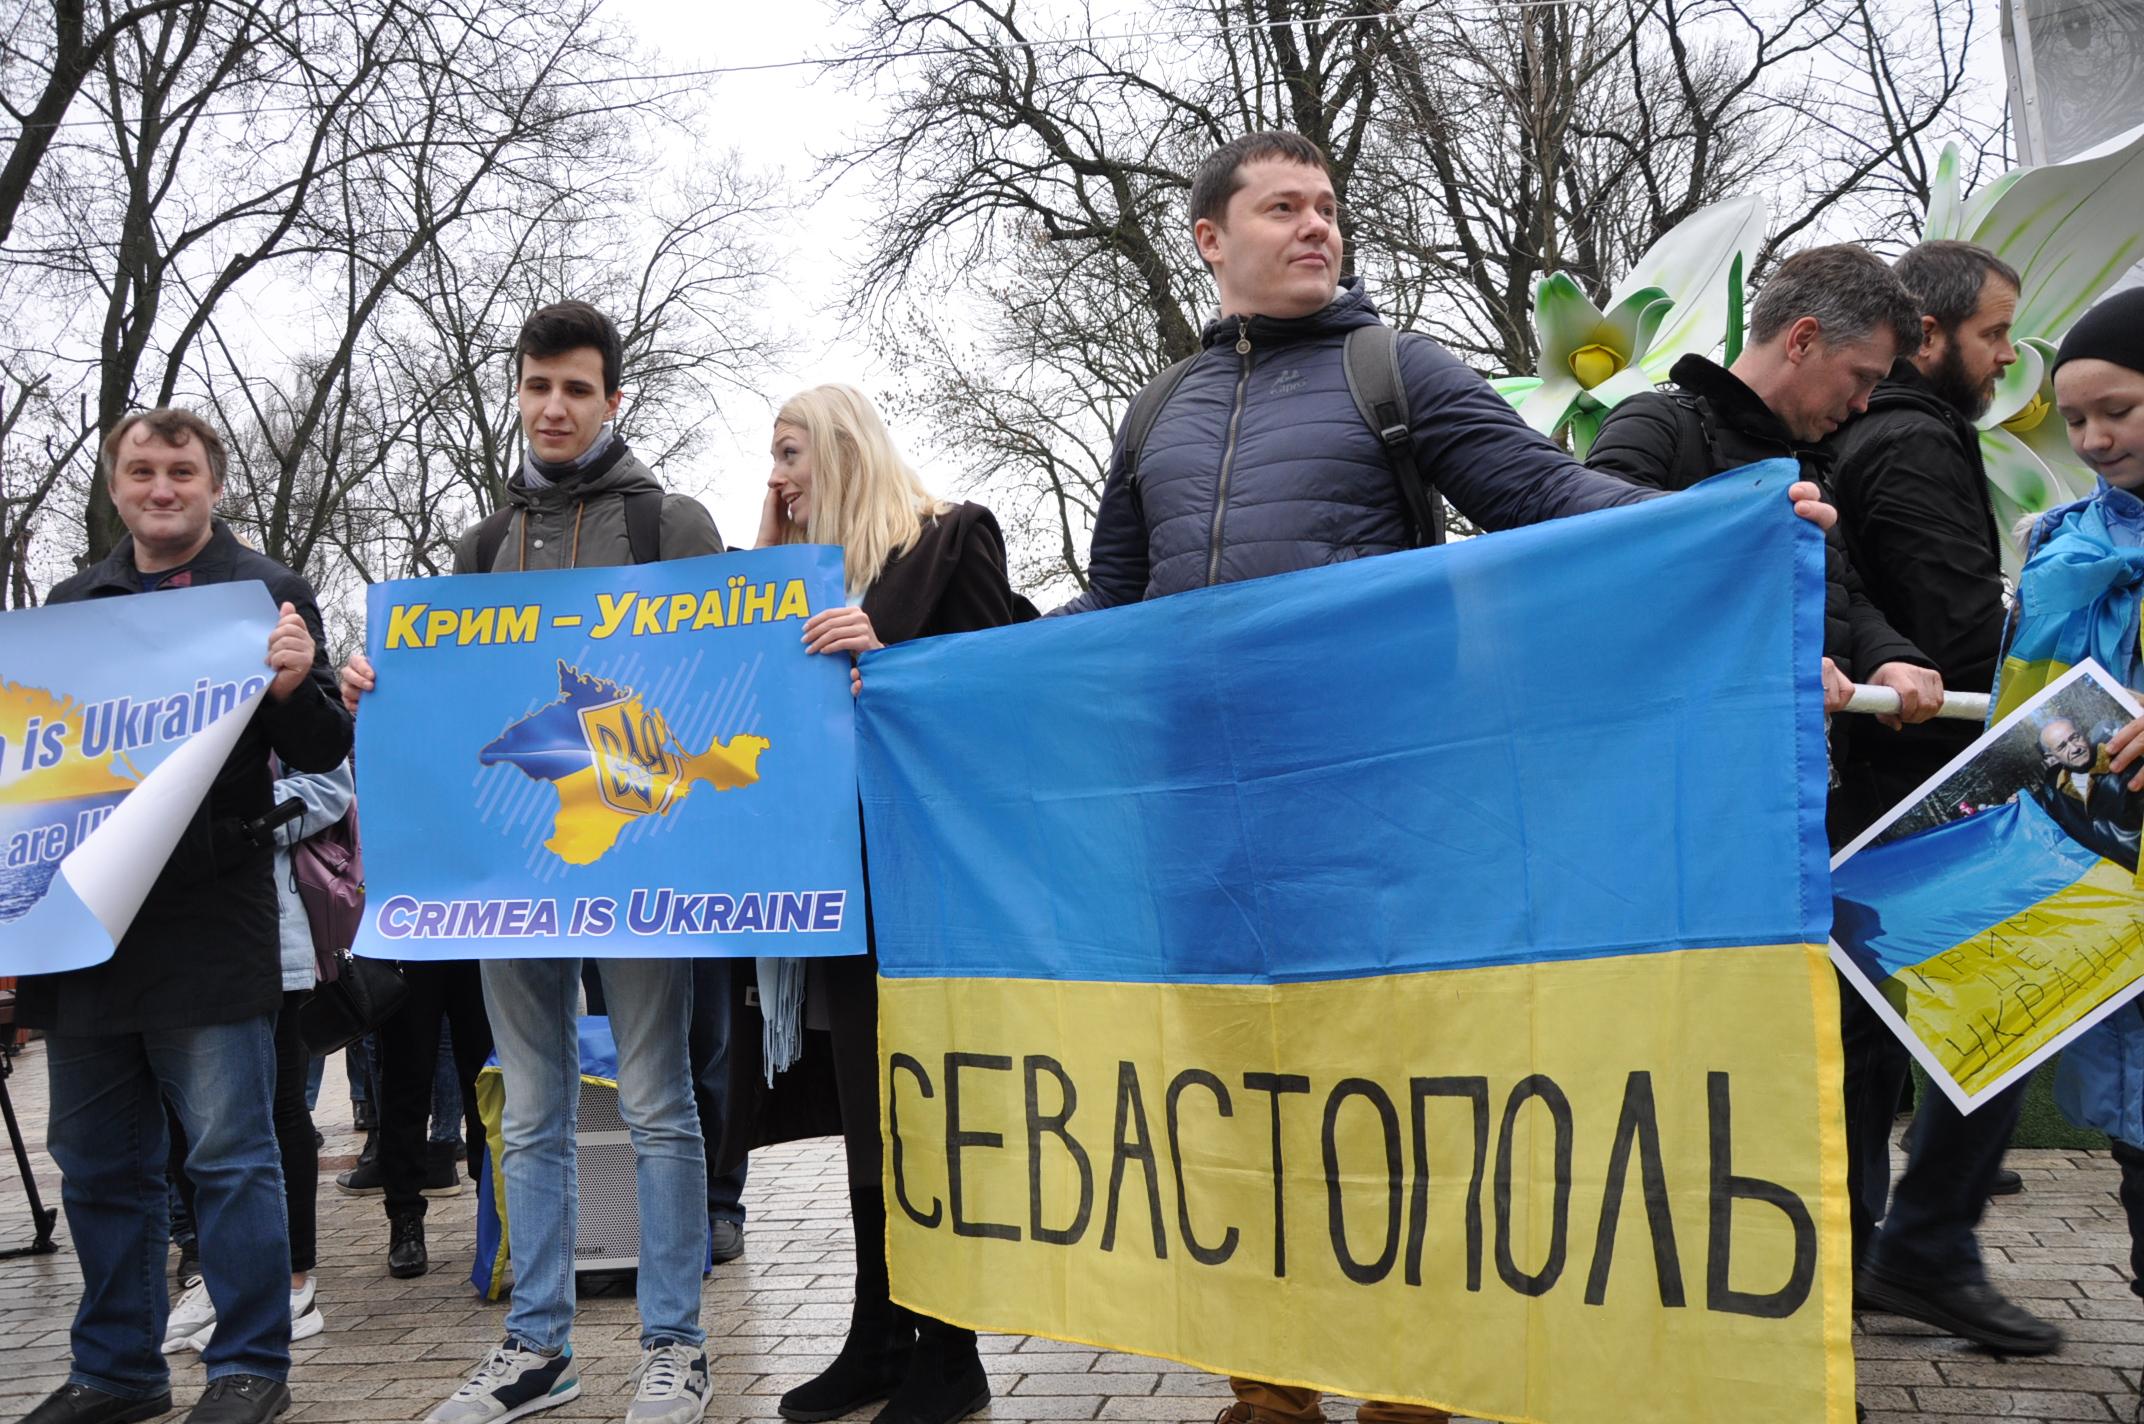 Україна знає, як повернути анексований Росією Крим: у МЗС зробили заяву